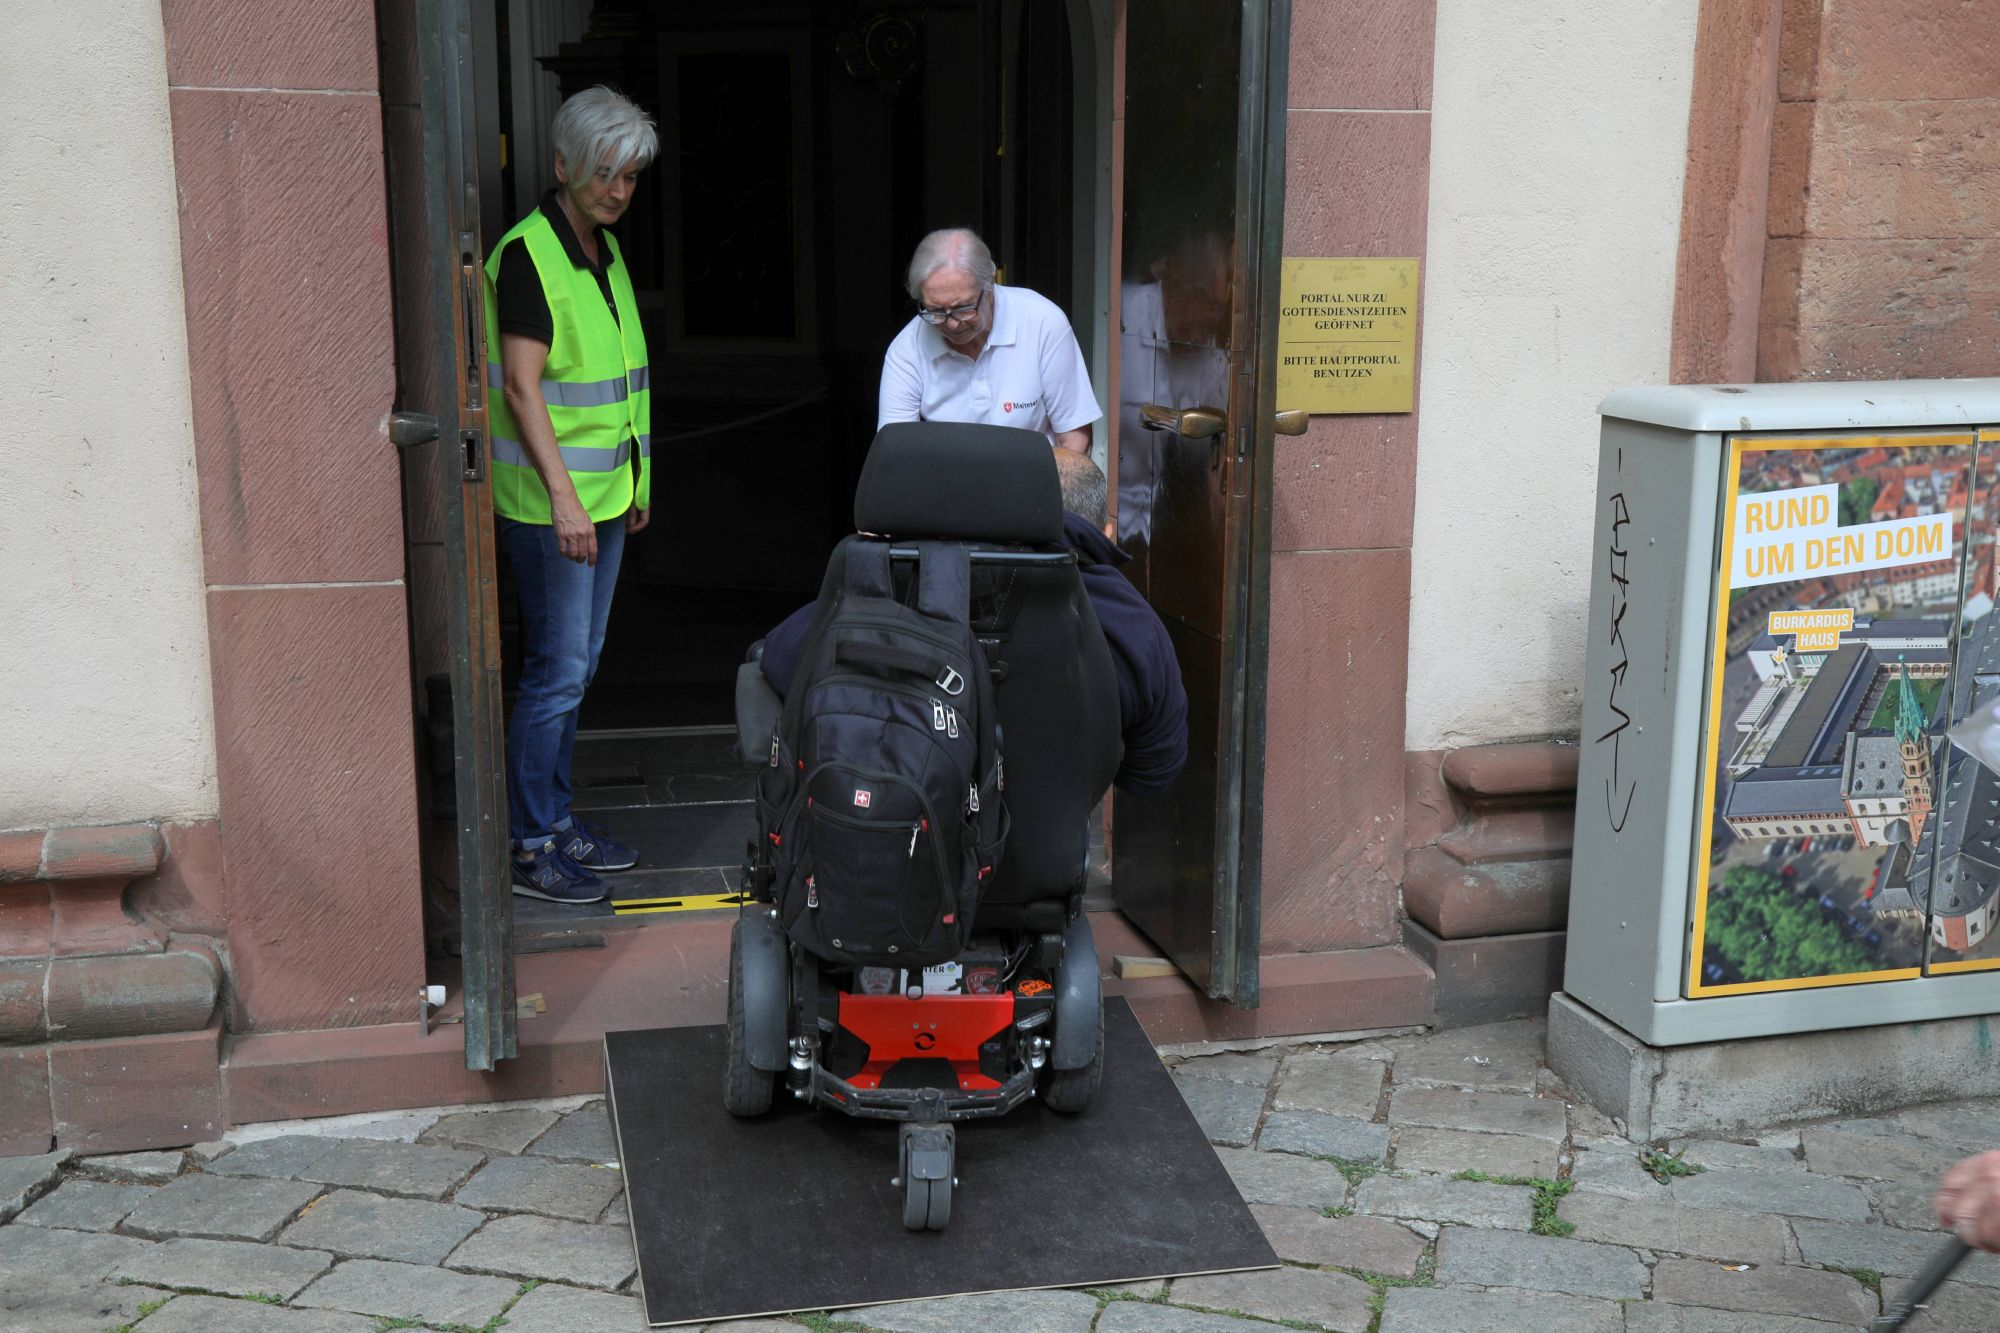 Bischof Dr. Franz Jung feierte am Kiliani-Tag für alte, kranke und behinderte Menschen einen Pontifikalgottesdienst im Dom. Viele Helfer waren an diesem Tag im Einsatz.